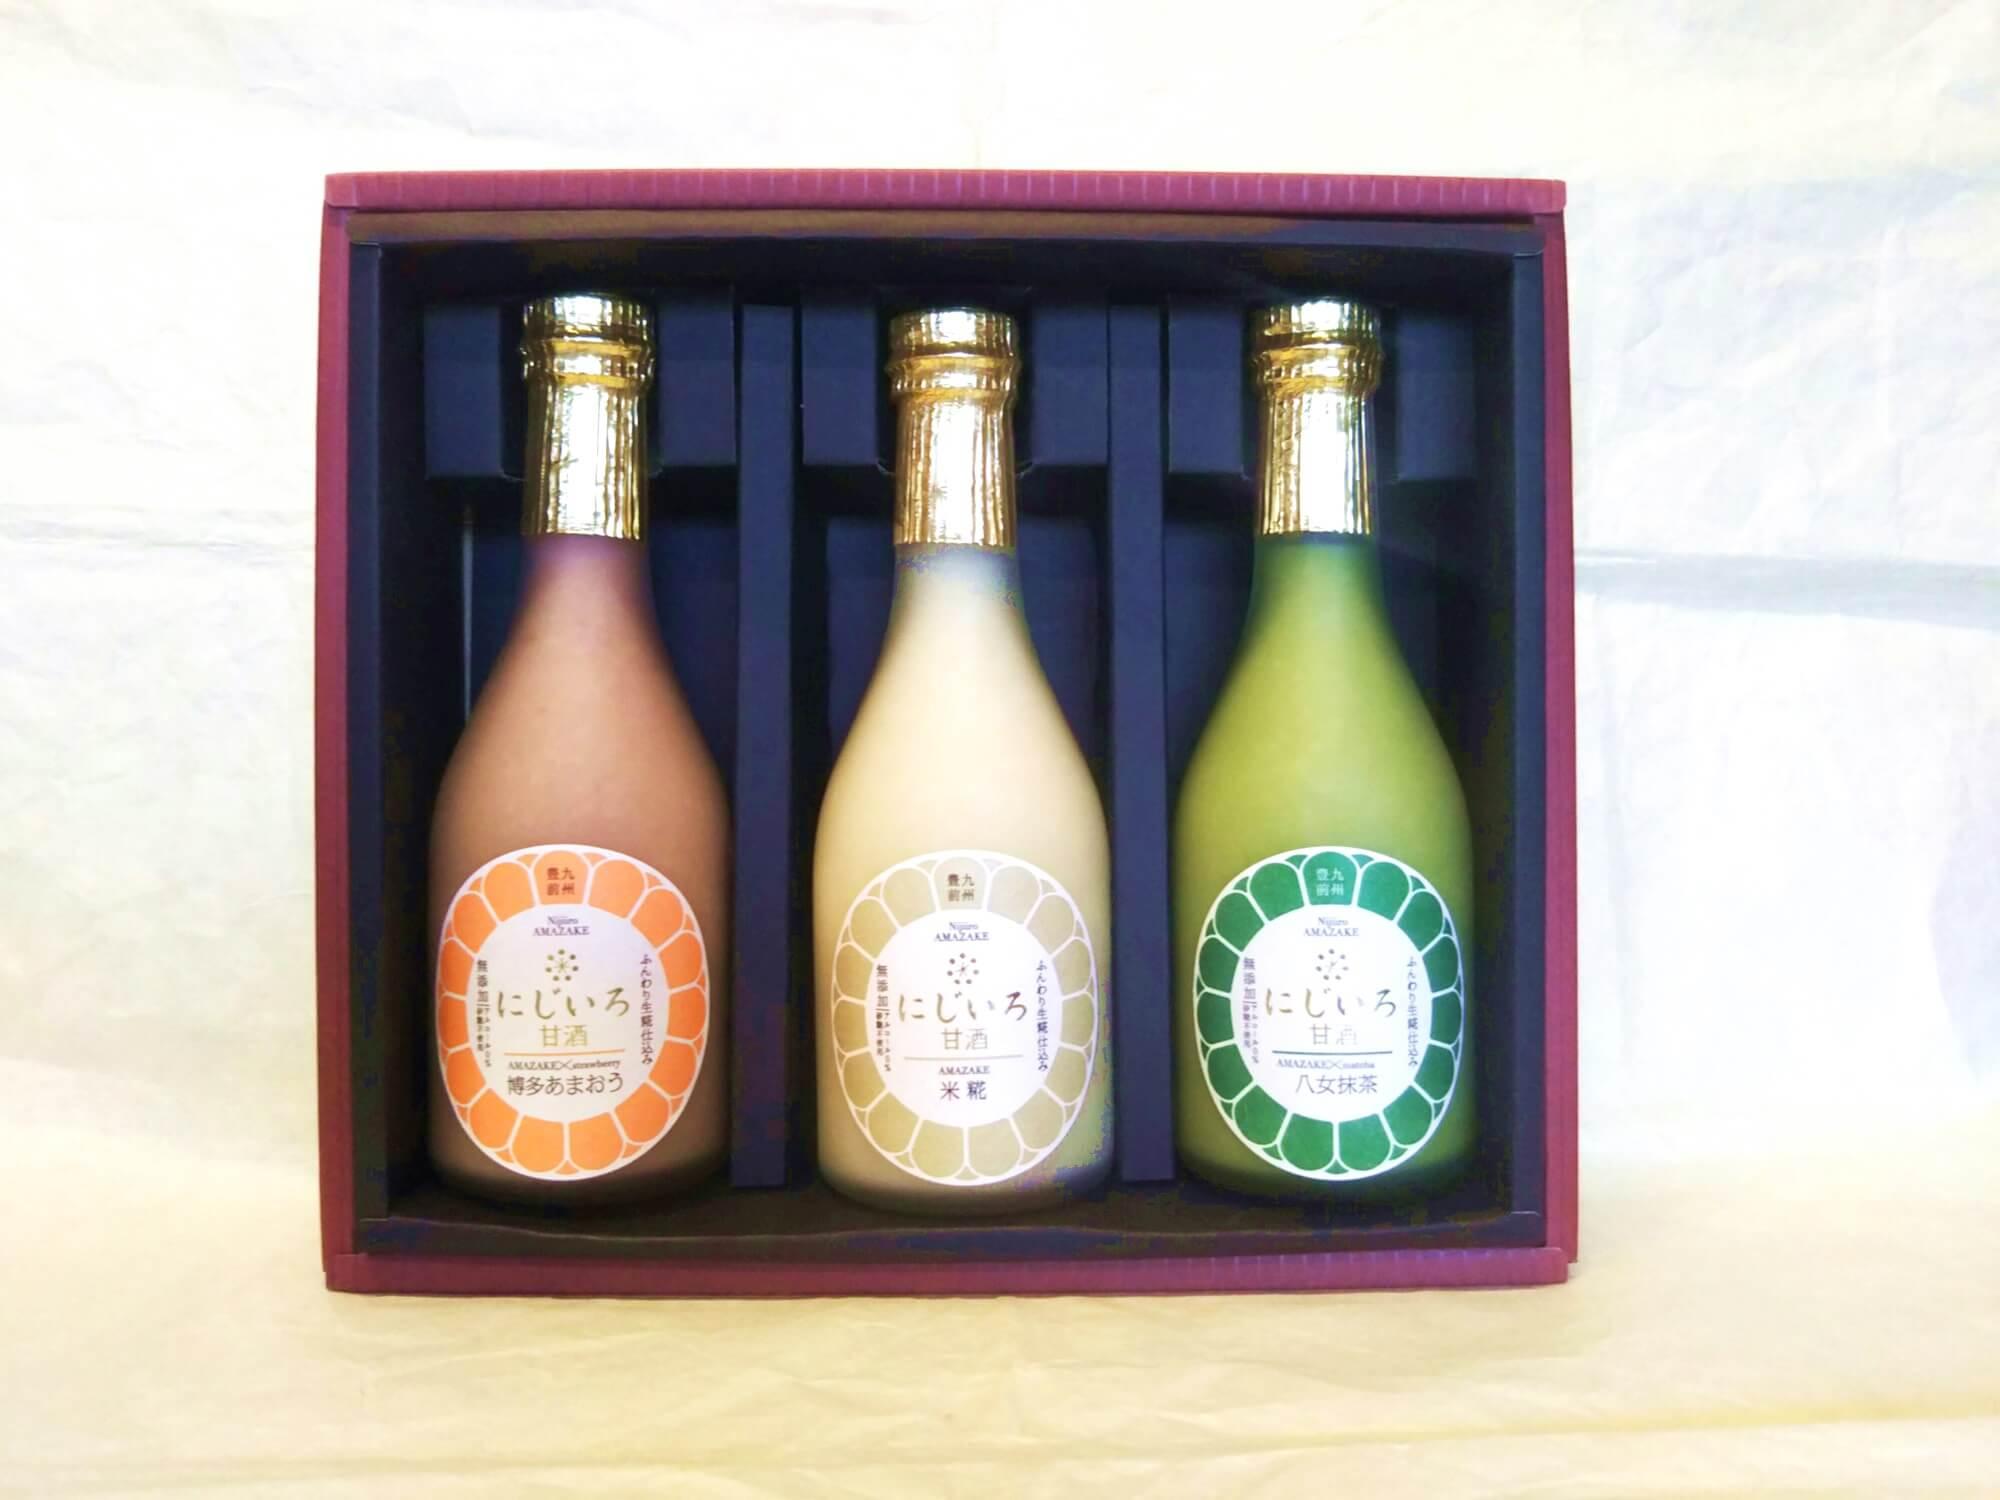 にじいろ甘酒3色ギフトセット(博多あまおう・米糀・八女抹茶) 母の日・お中元・プレゼント・贈り物に